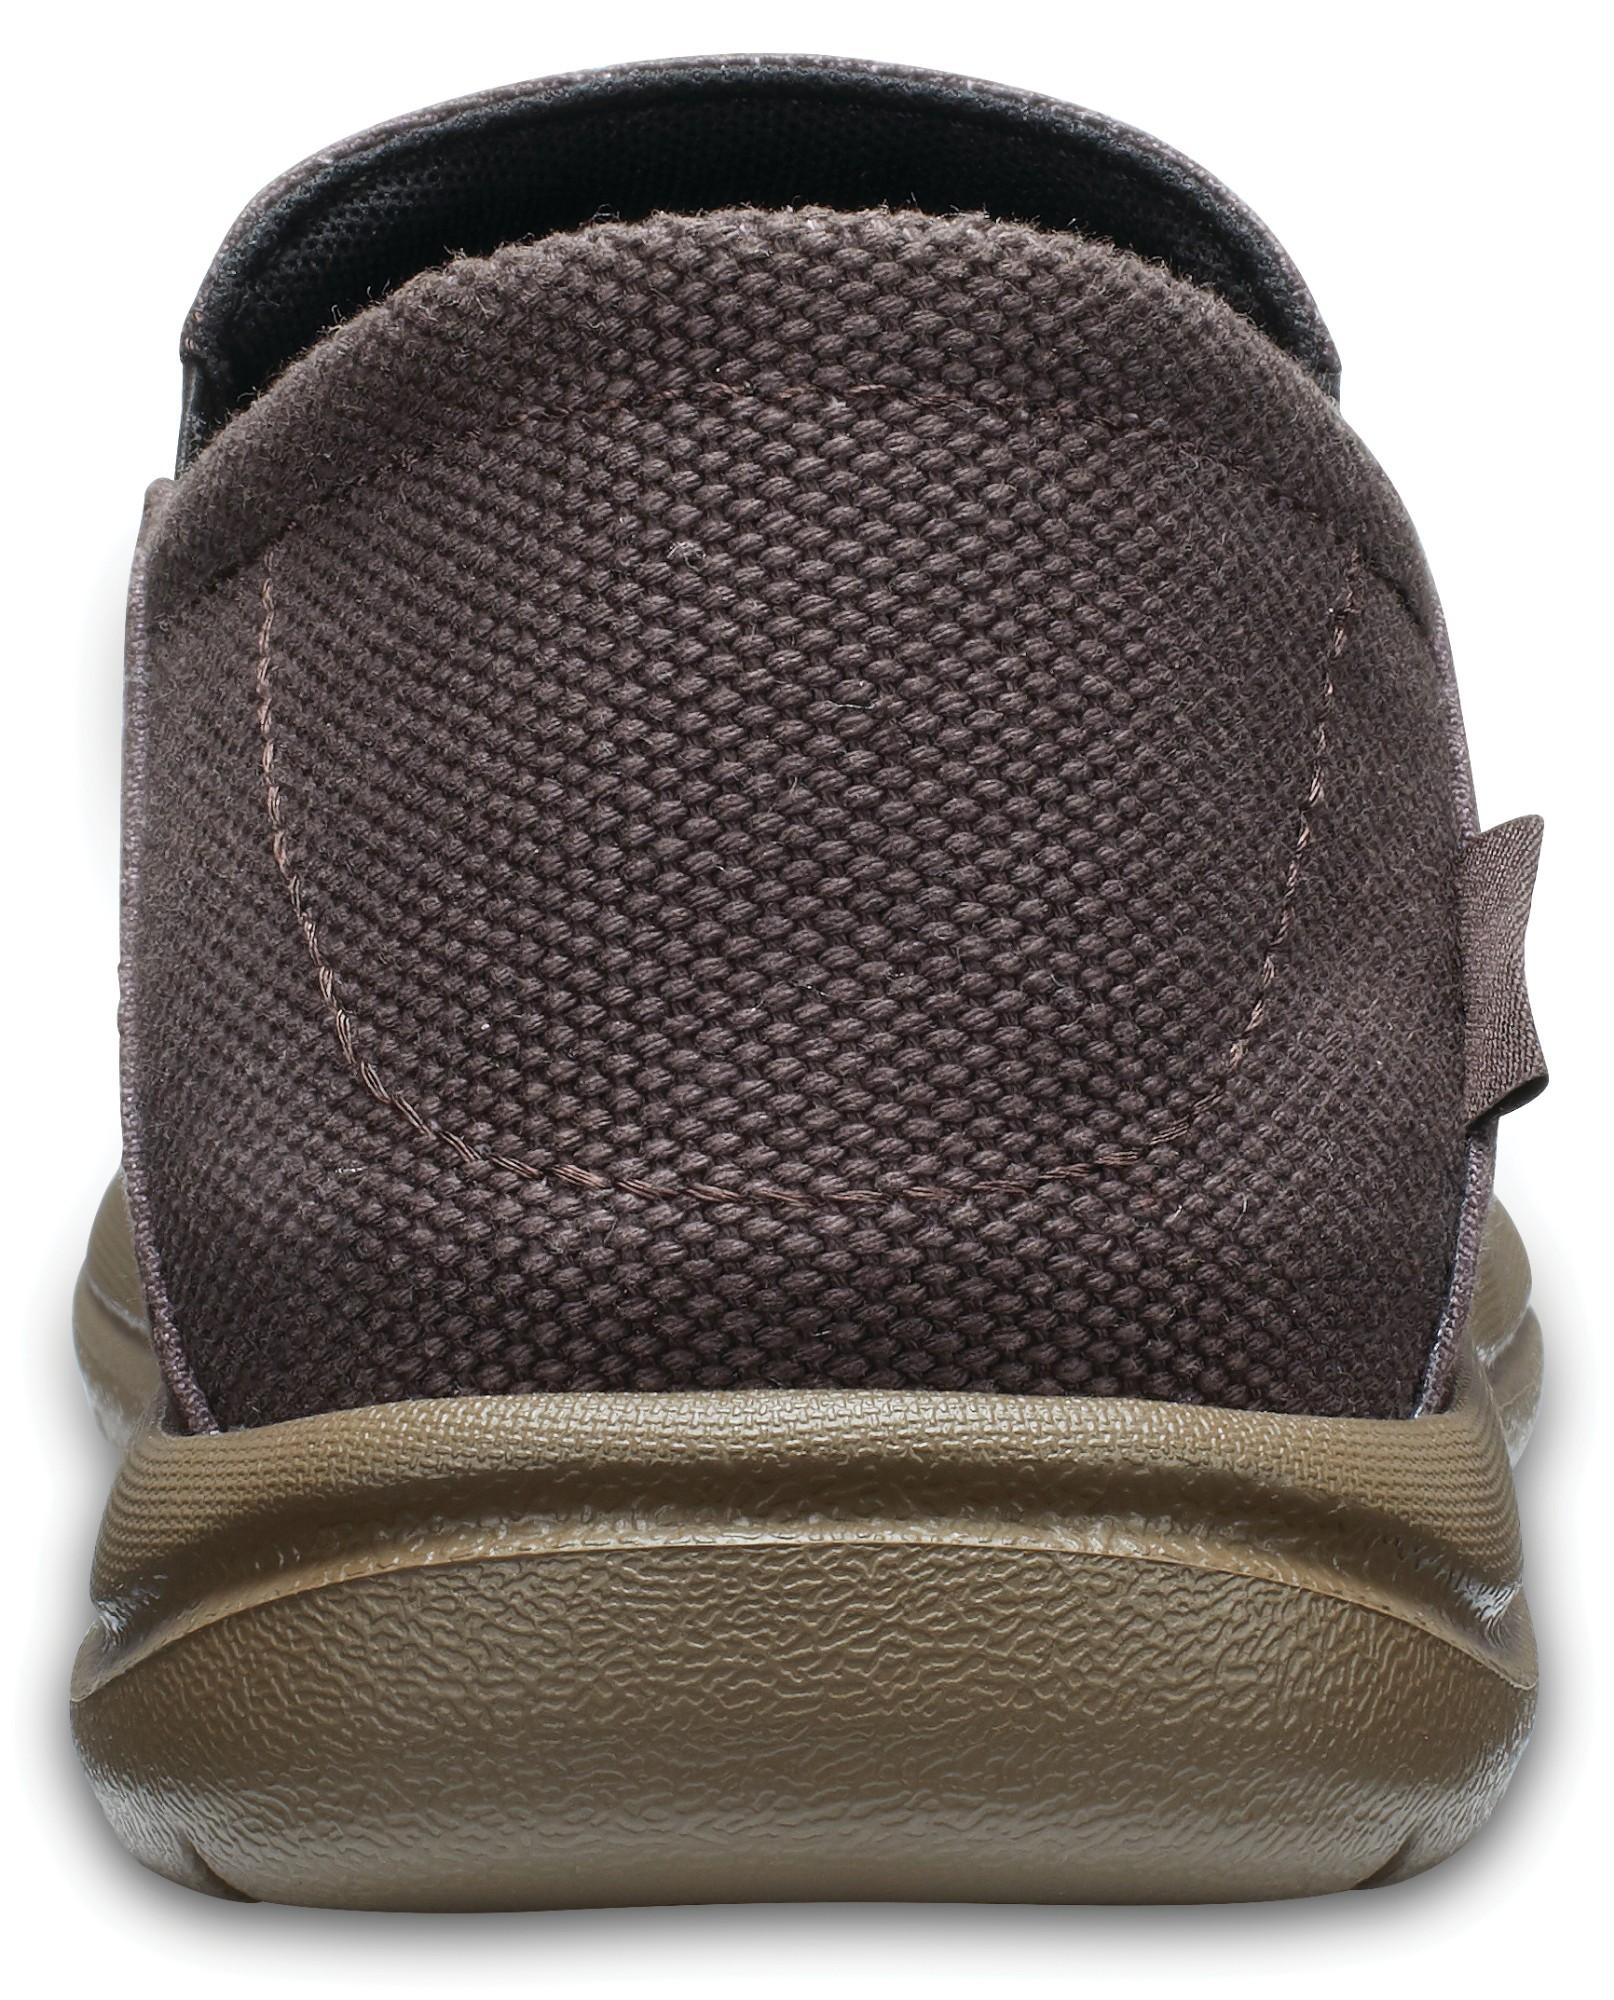 05f09eef661 Crocs™ Santa Cruz Convertible Slip-On Men's   OPEN24.EE